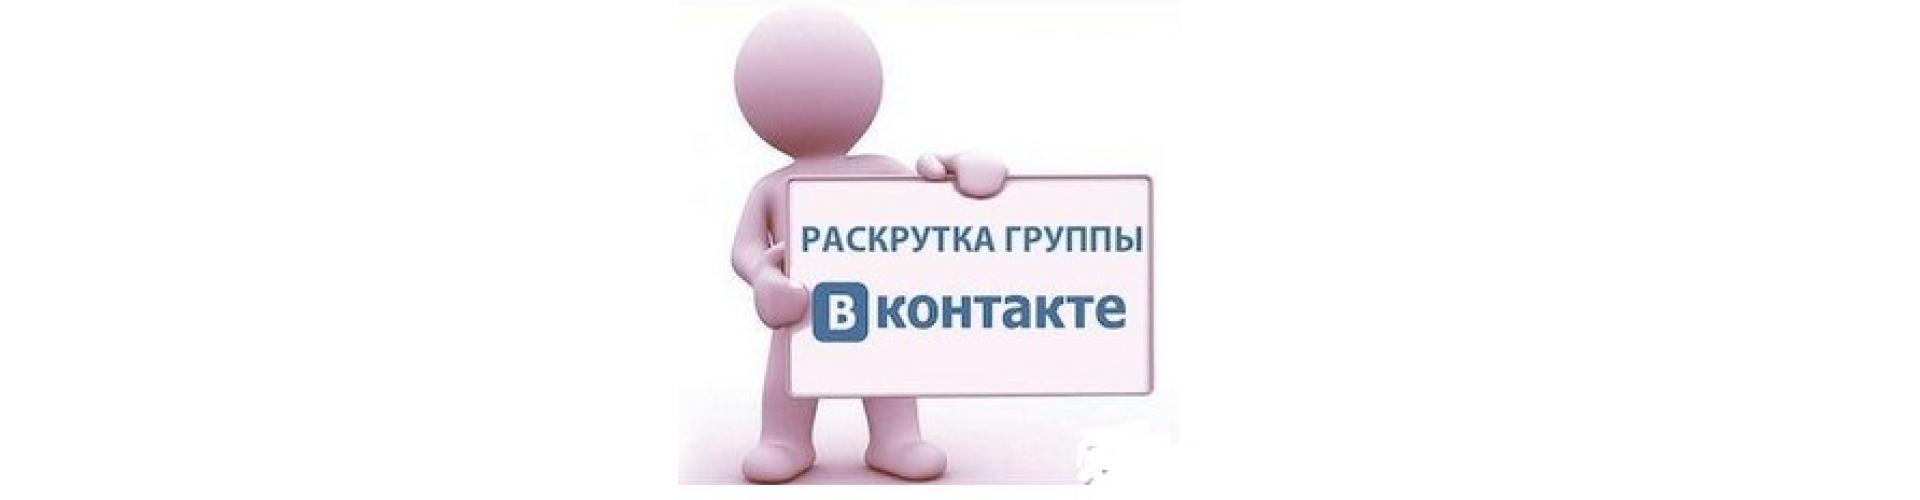 Как раскрутить группу Вконтакте бесплатно